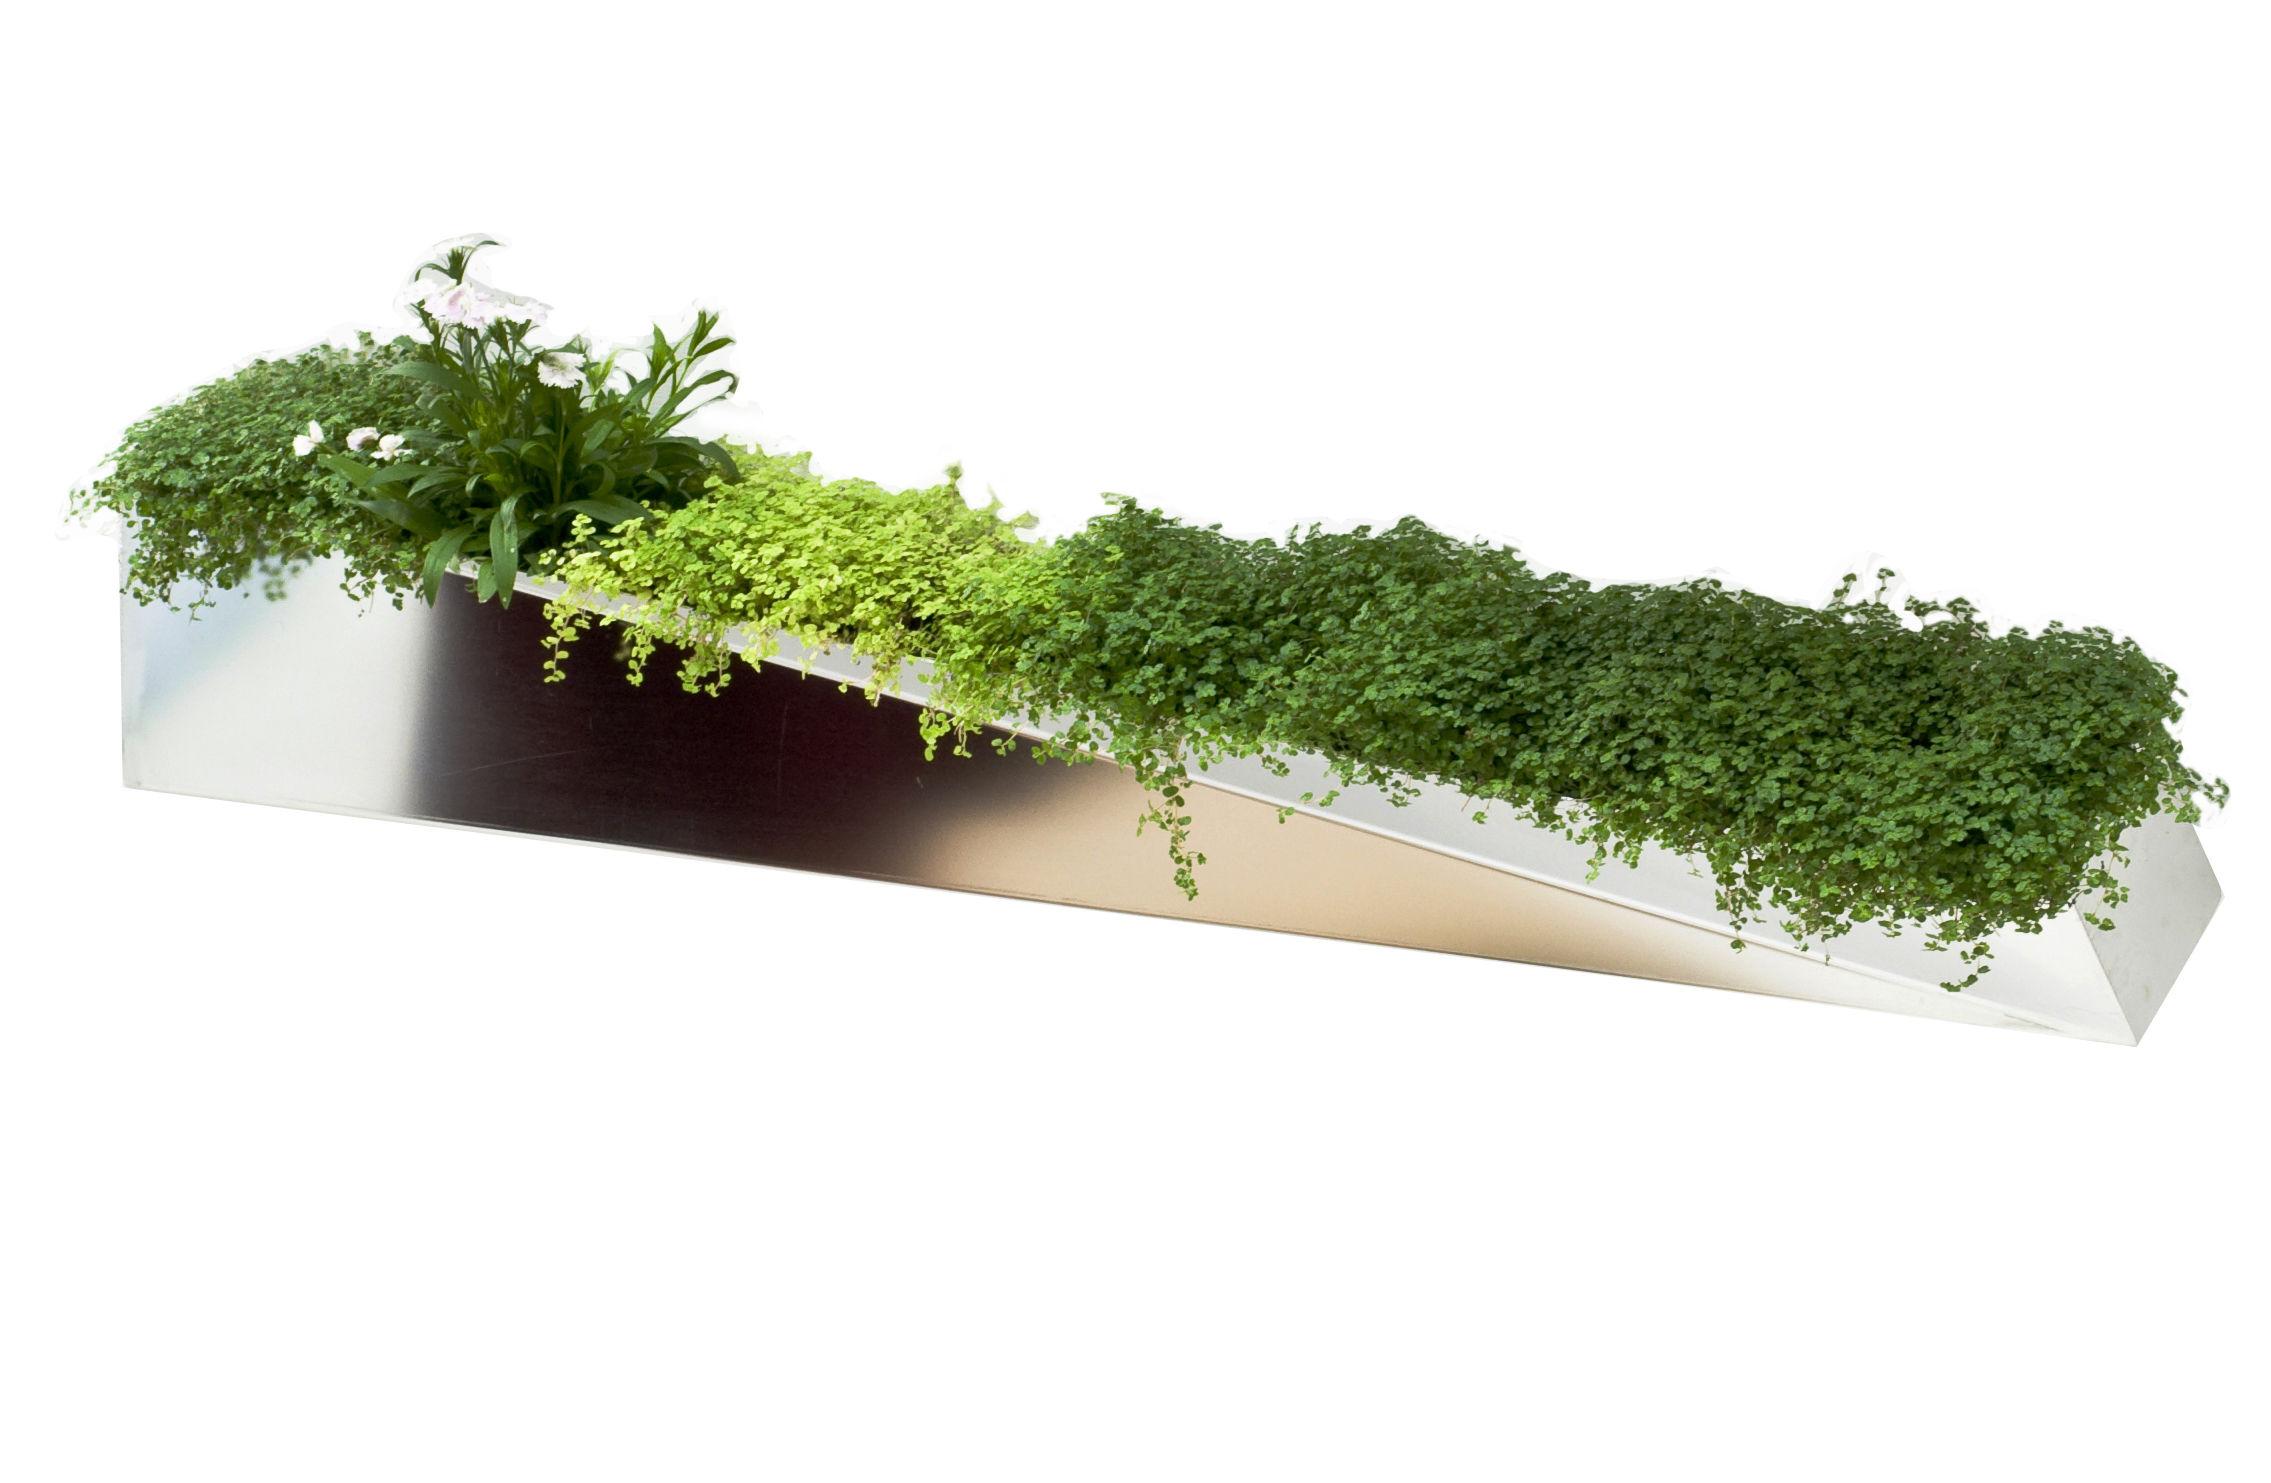 Déco - Pots et plantes - Jardinière murale Miroir en Herbe / Acier - L 110 cm - Compagnie - Inox - Acier poli